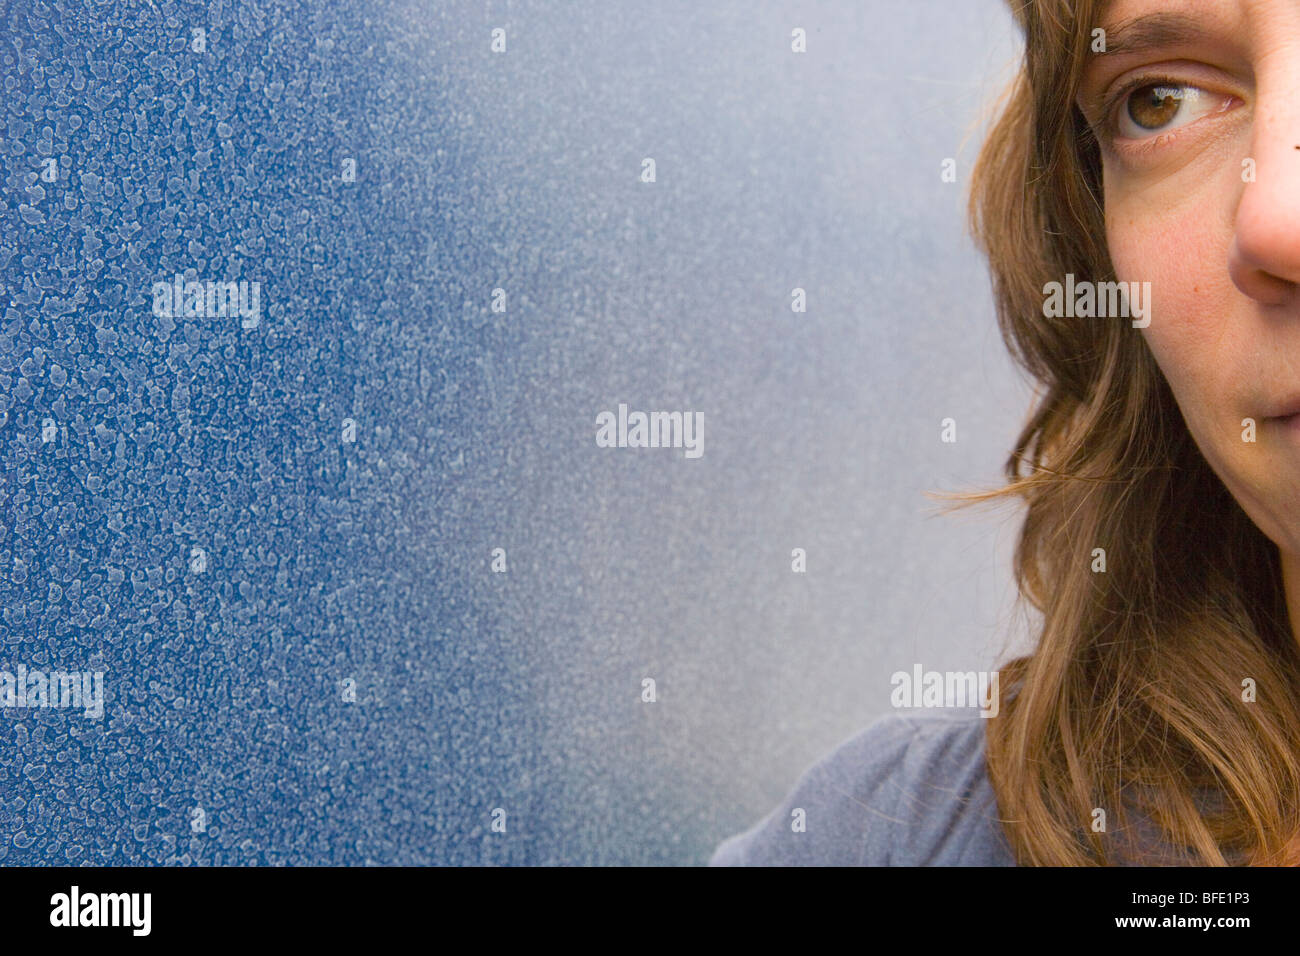 Nahaufnahme einer Frau hellwach vor einer blauen Wand Stockbild